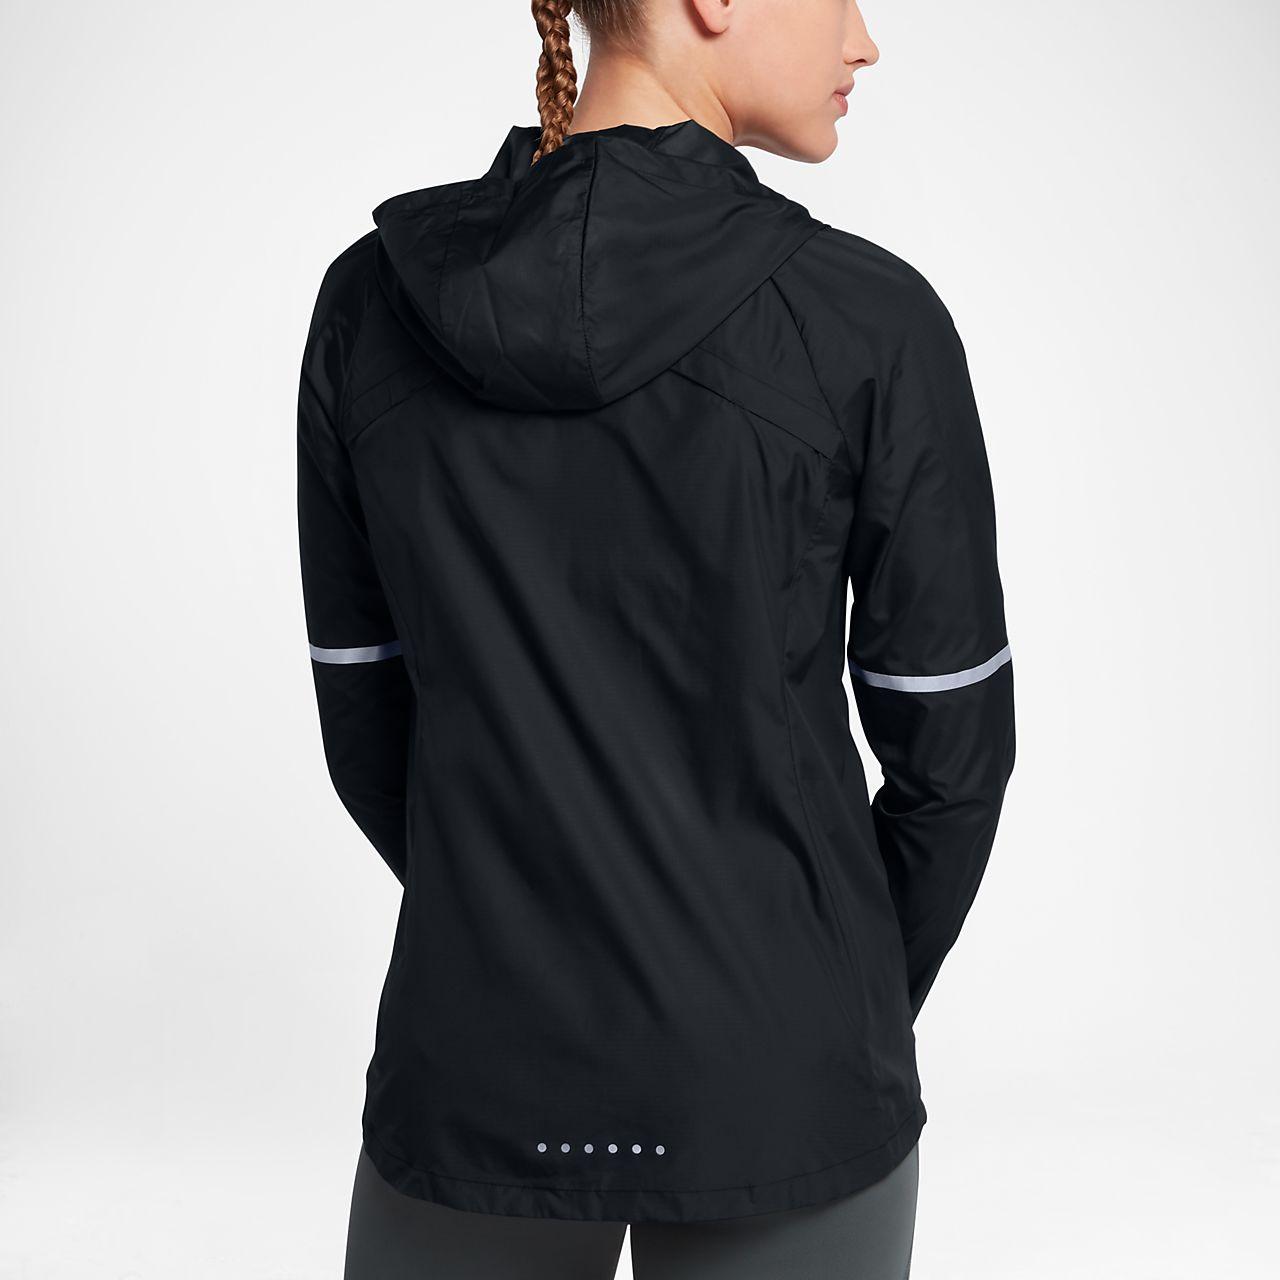 Nike jacke reflektierend damen